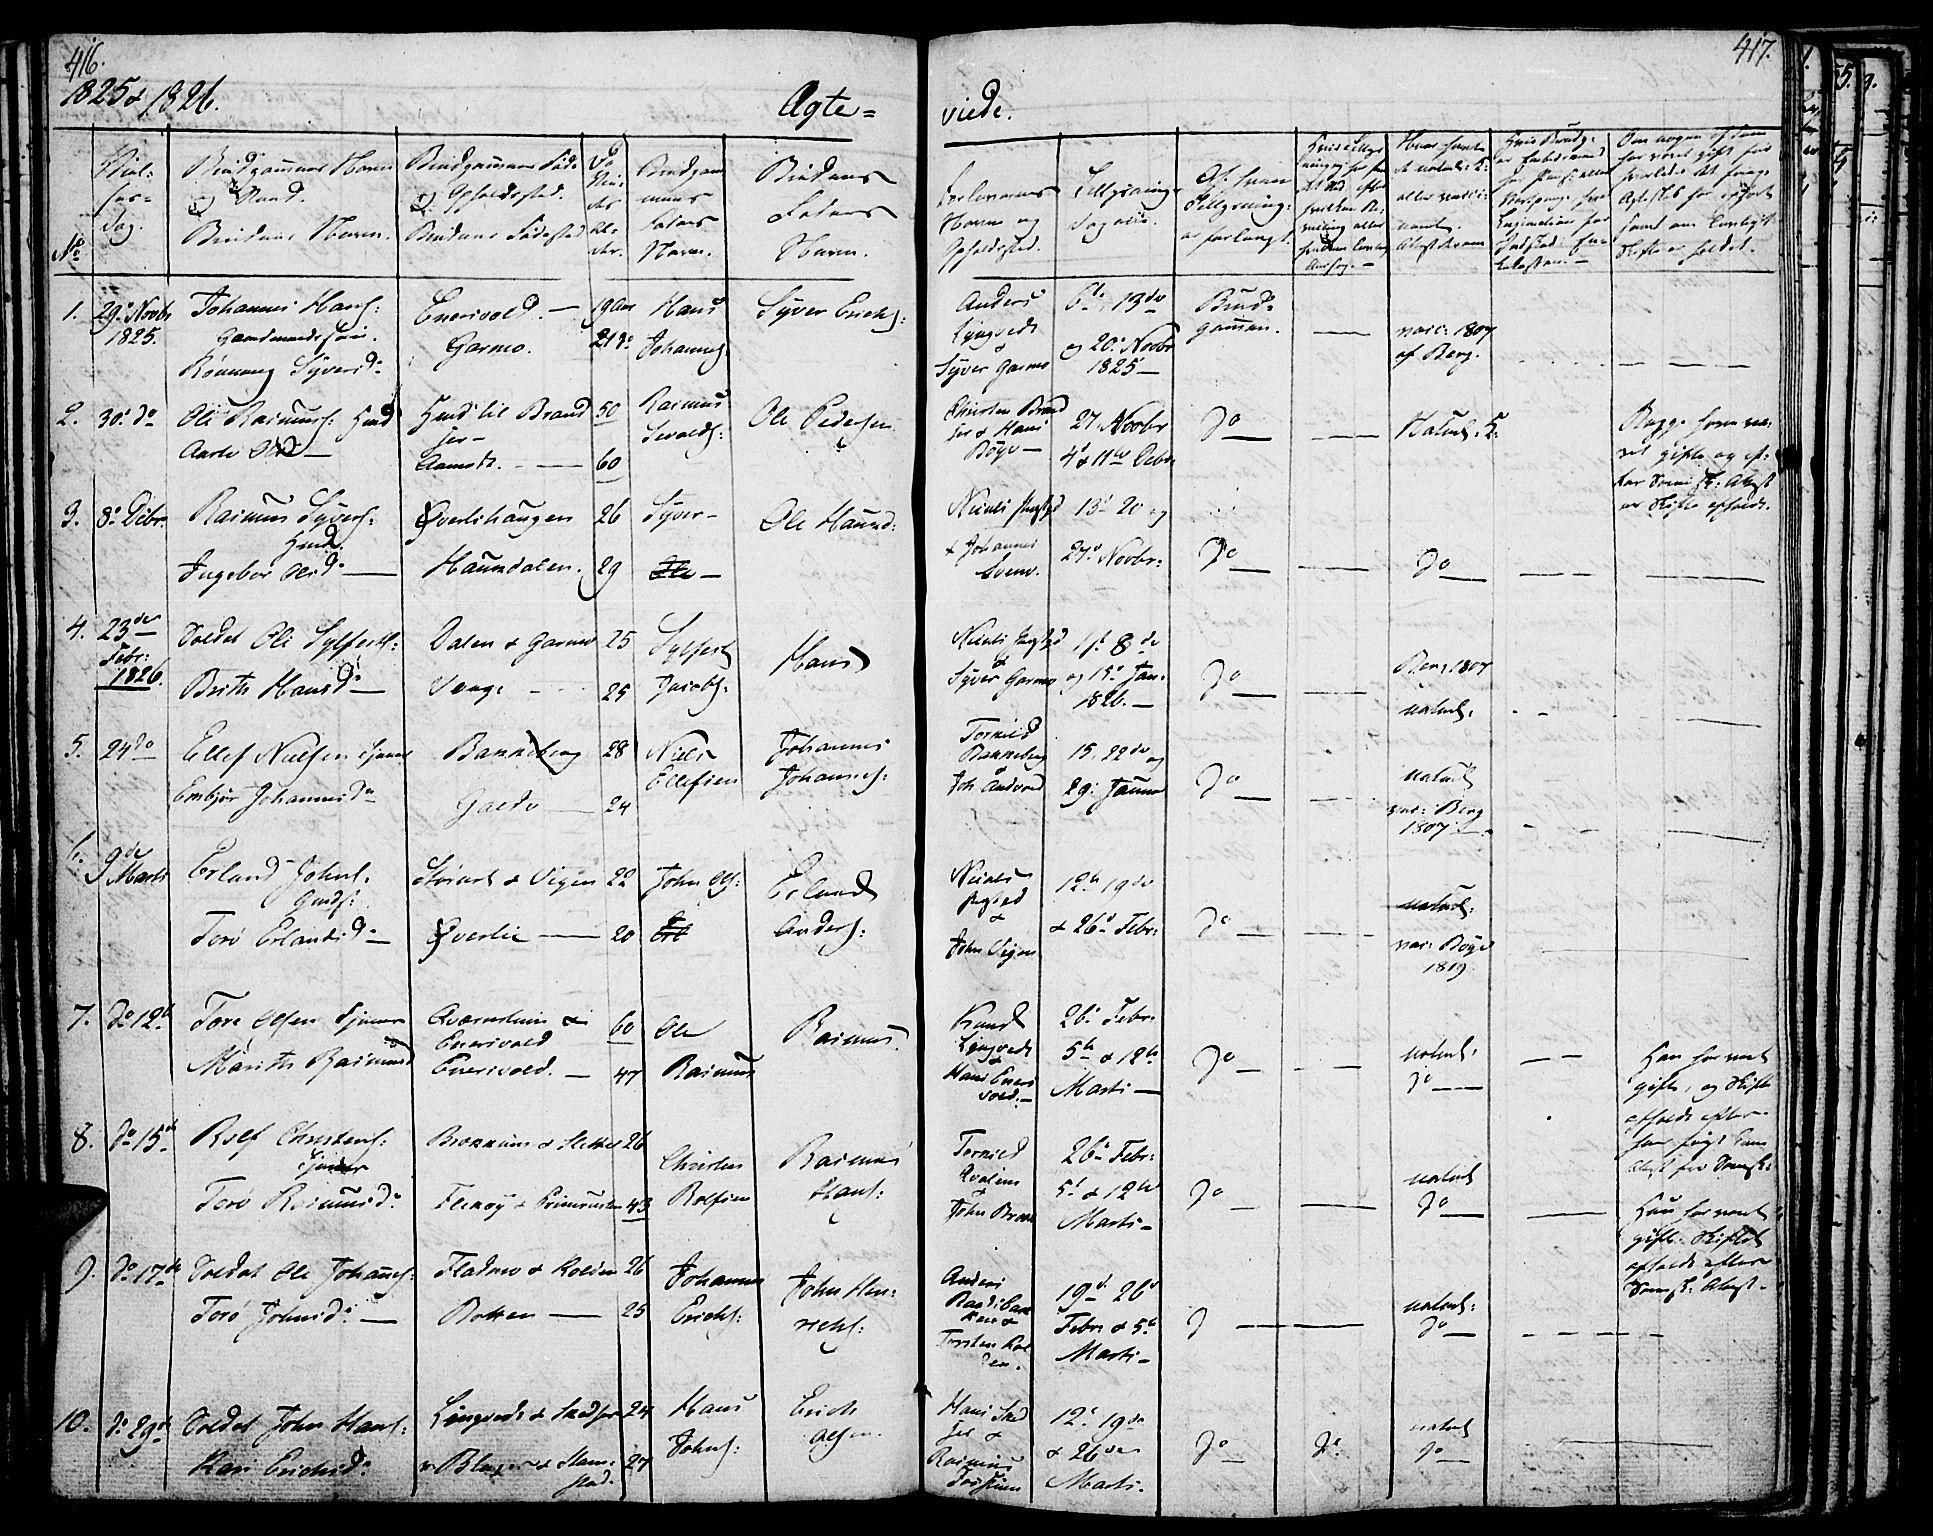 SAH, Lom prestekontor, K/L0005: Ministerialbok nr. 5, 1825-1837, s. 416-417